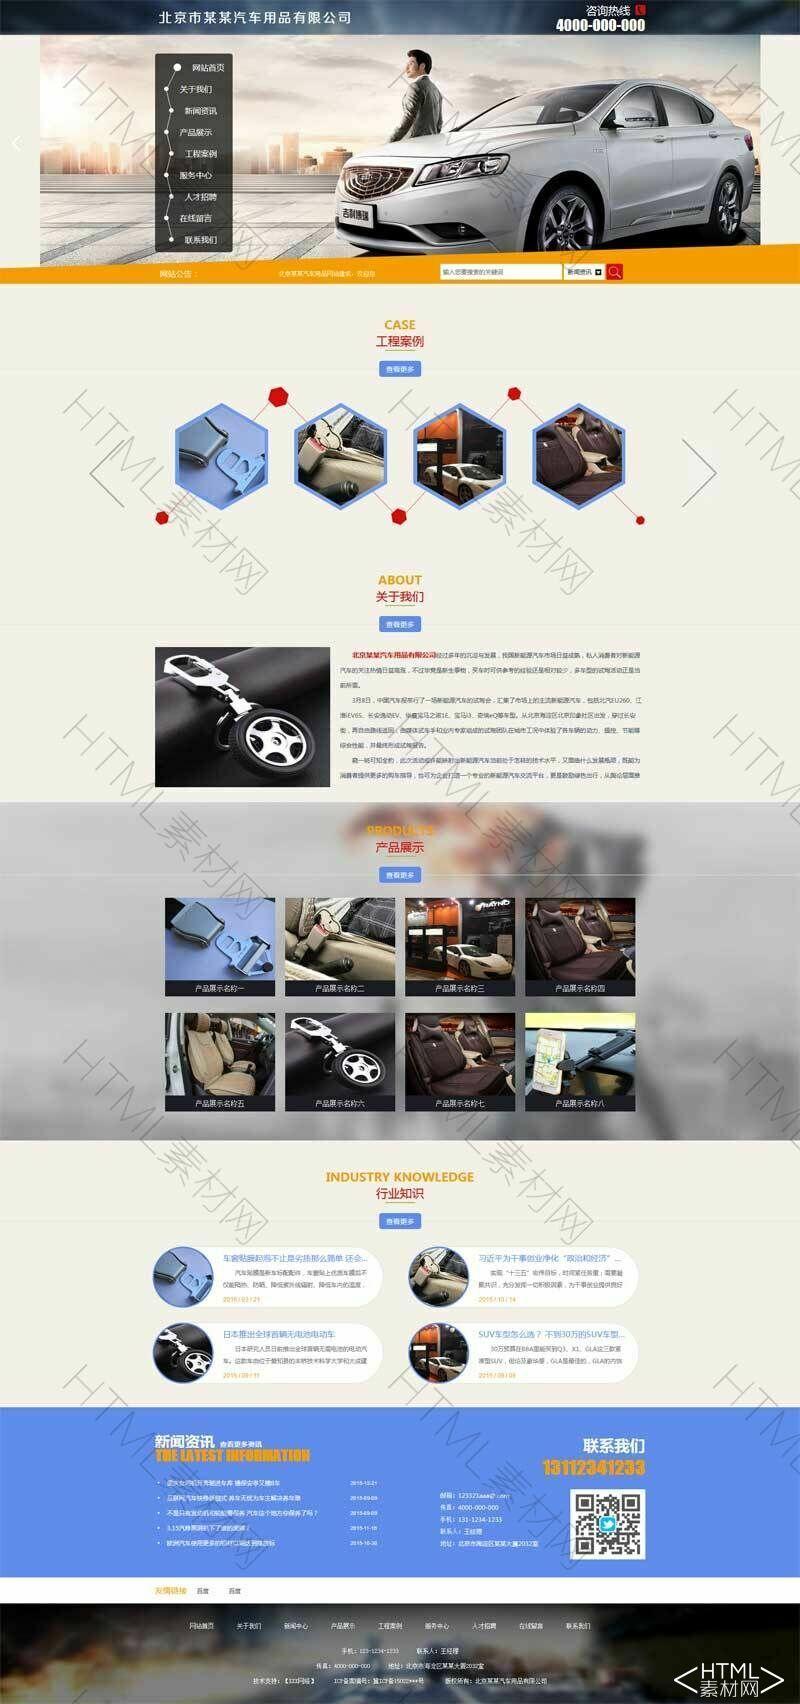 实用的汽车用品安装服务公司网站模板.jpg